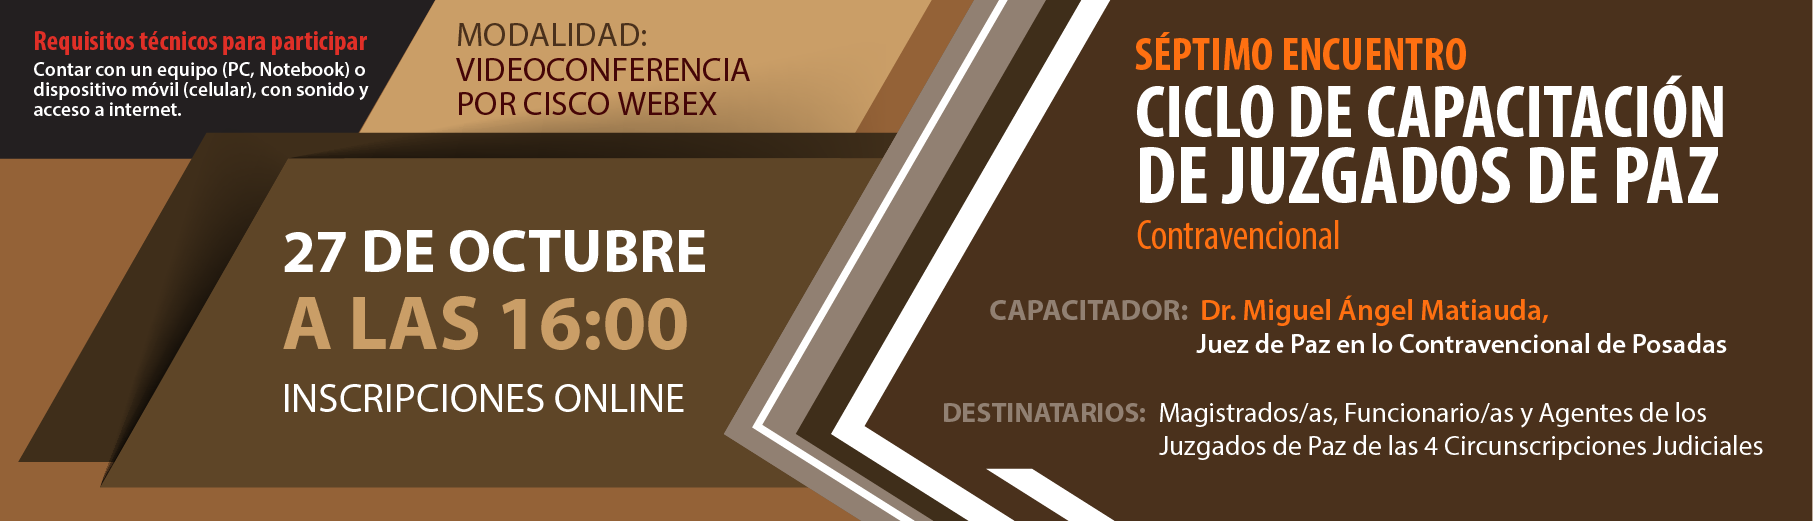 """Ciclo de Capacitación de Juzgados de Paz """"Contravencional"""" - 7mo Encuentro"""